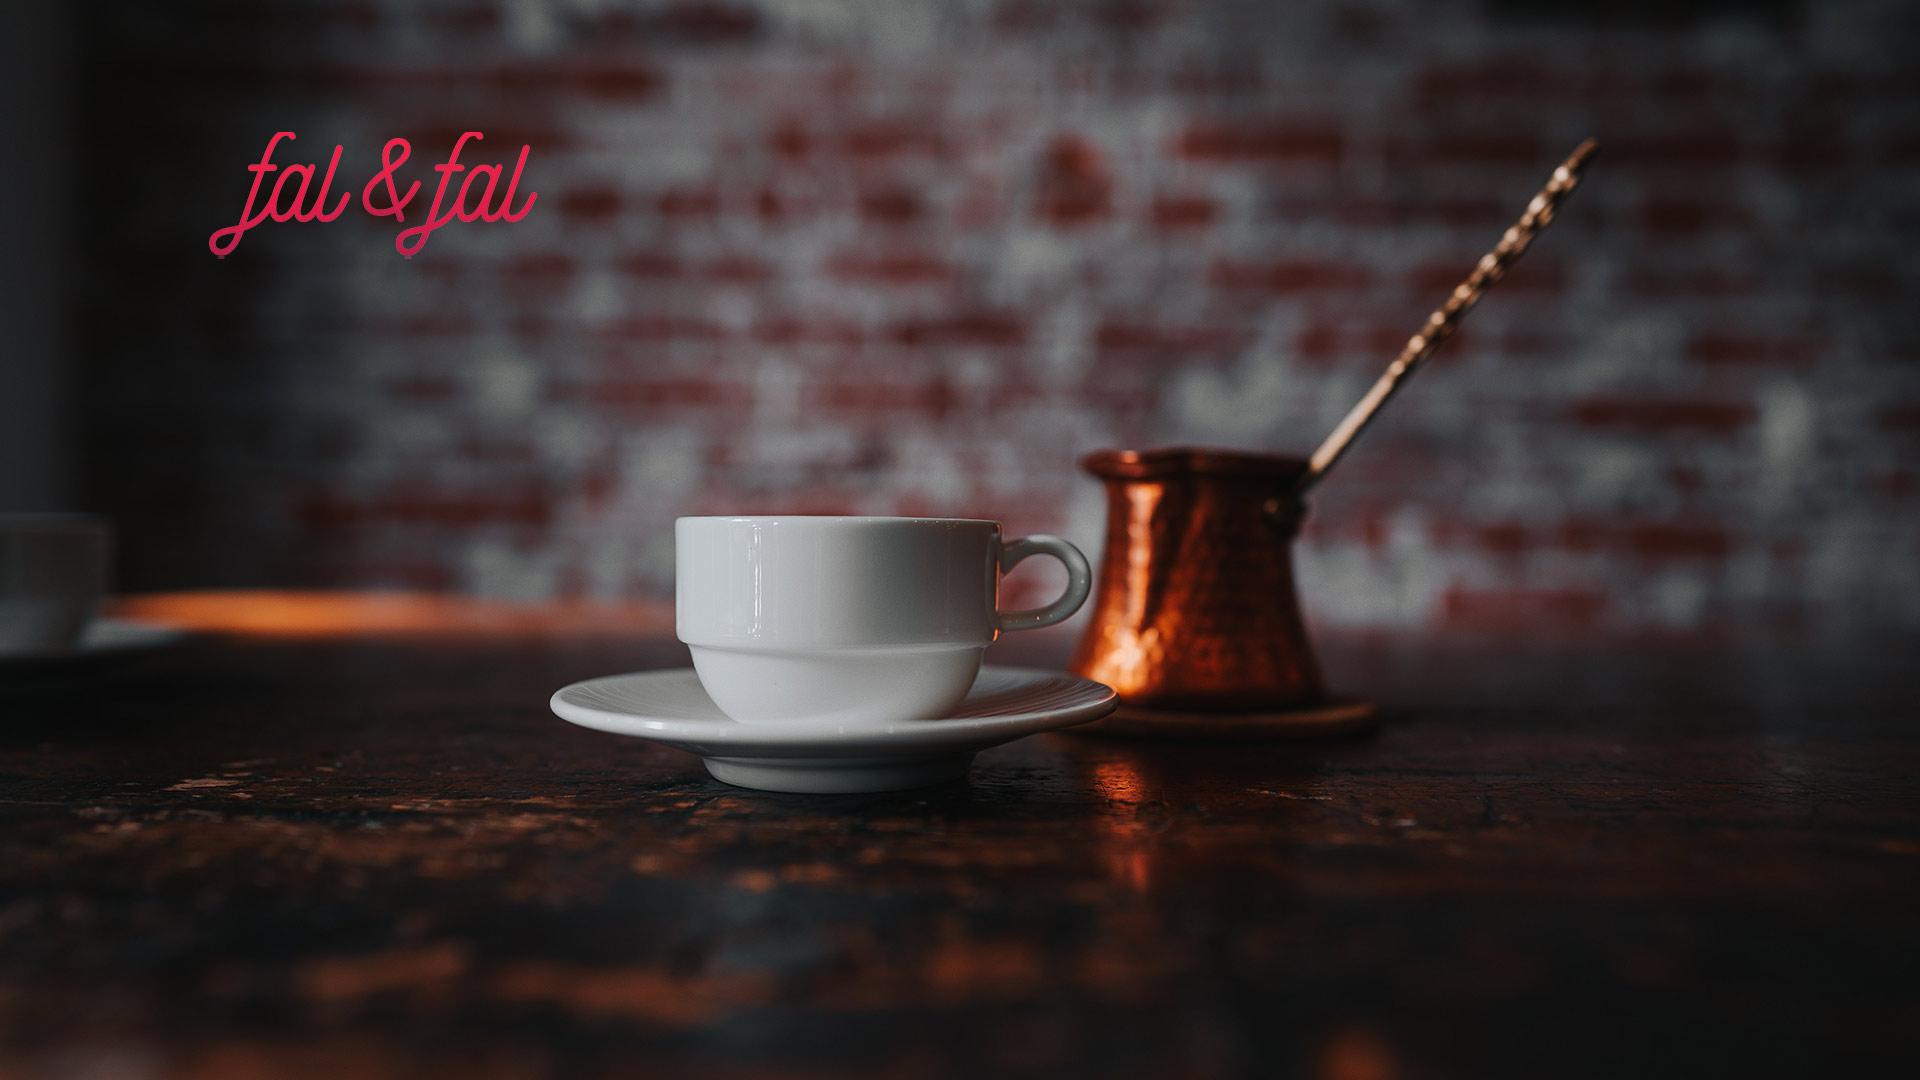 online-olarak-kahve-fali-nasil-bakilir